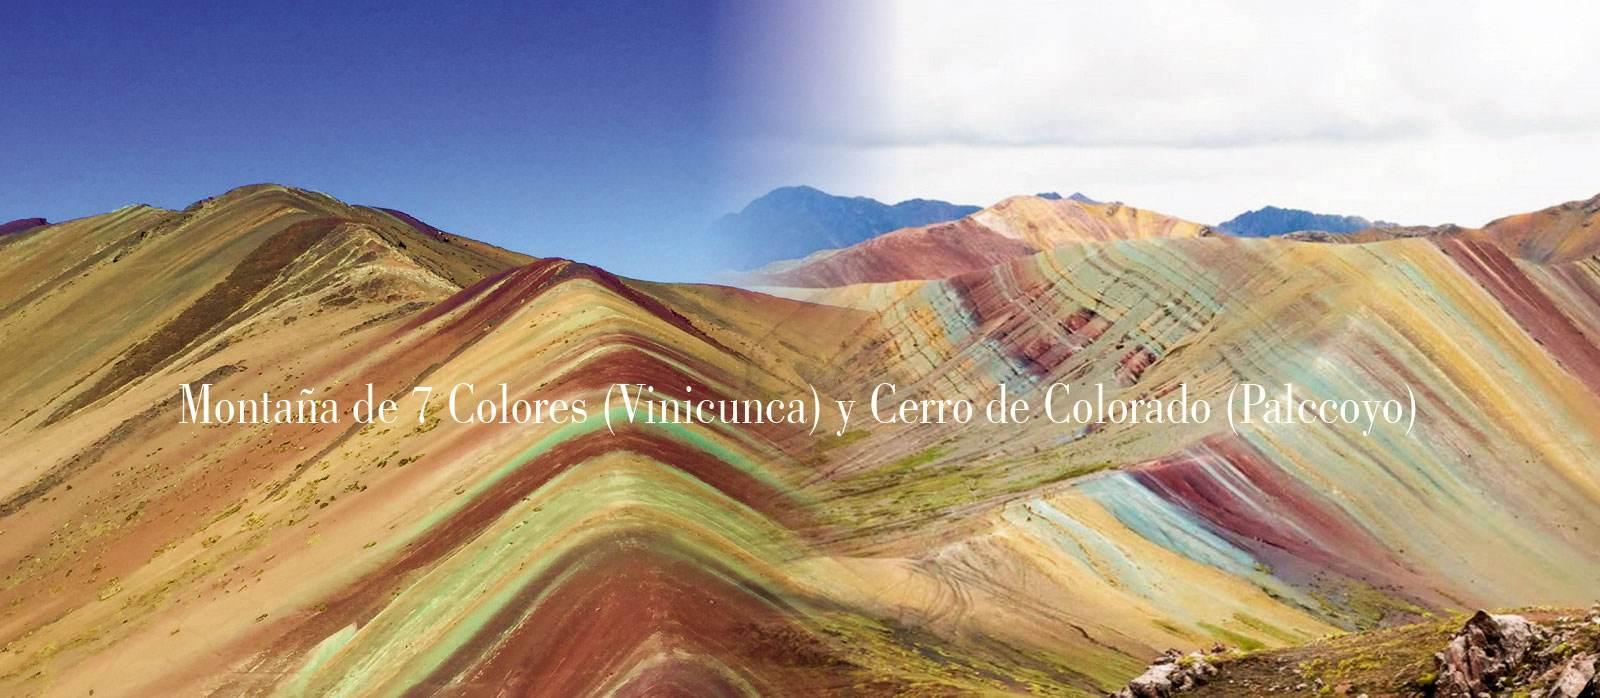 montana 7 Colores y Cerro de Colorado Palccoyo